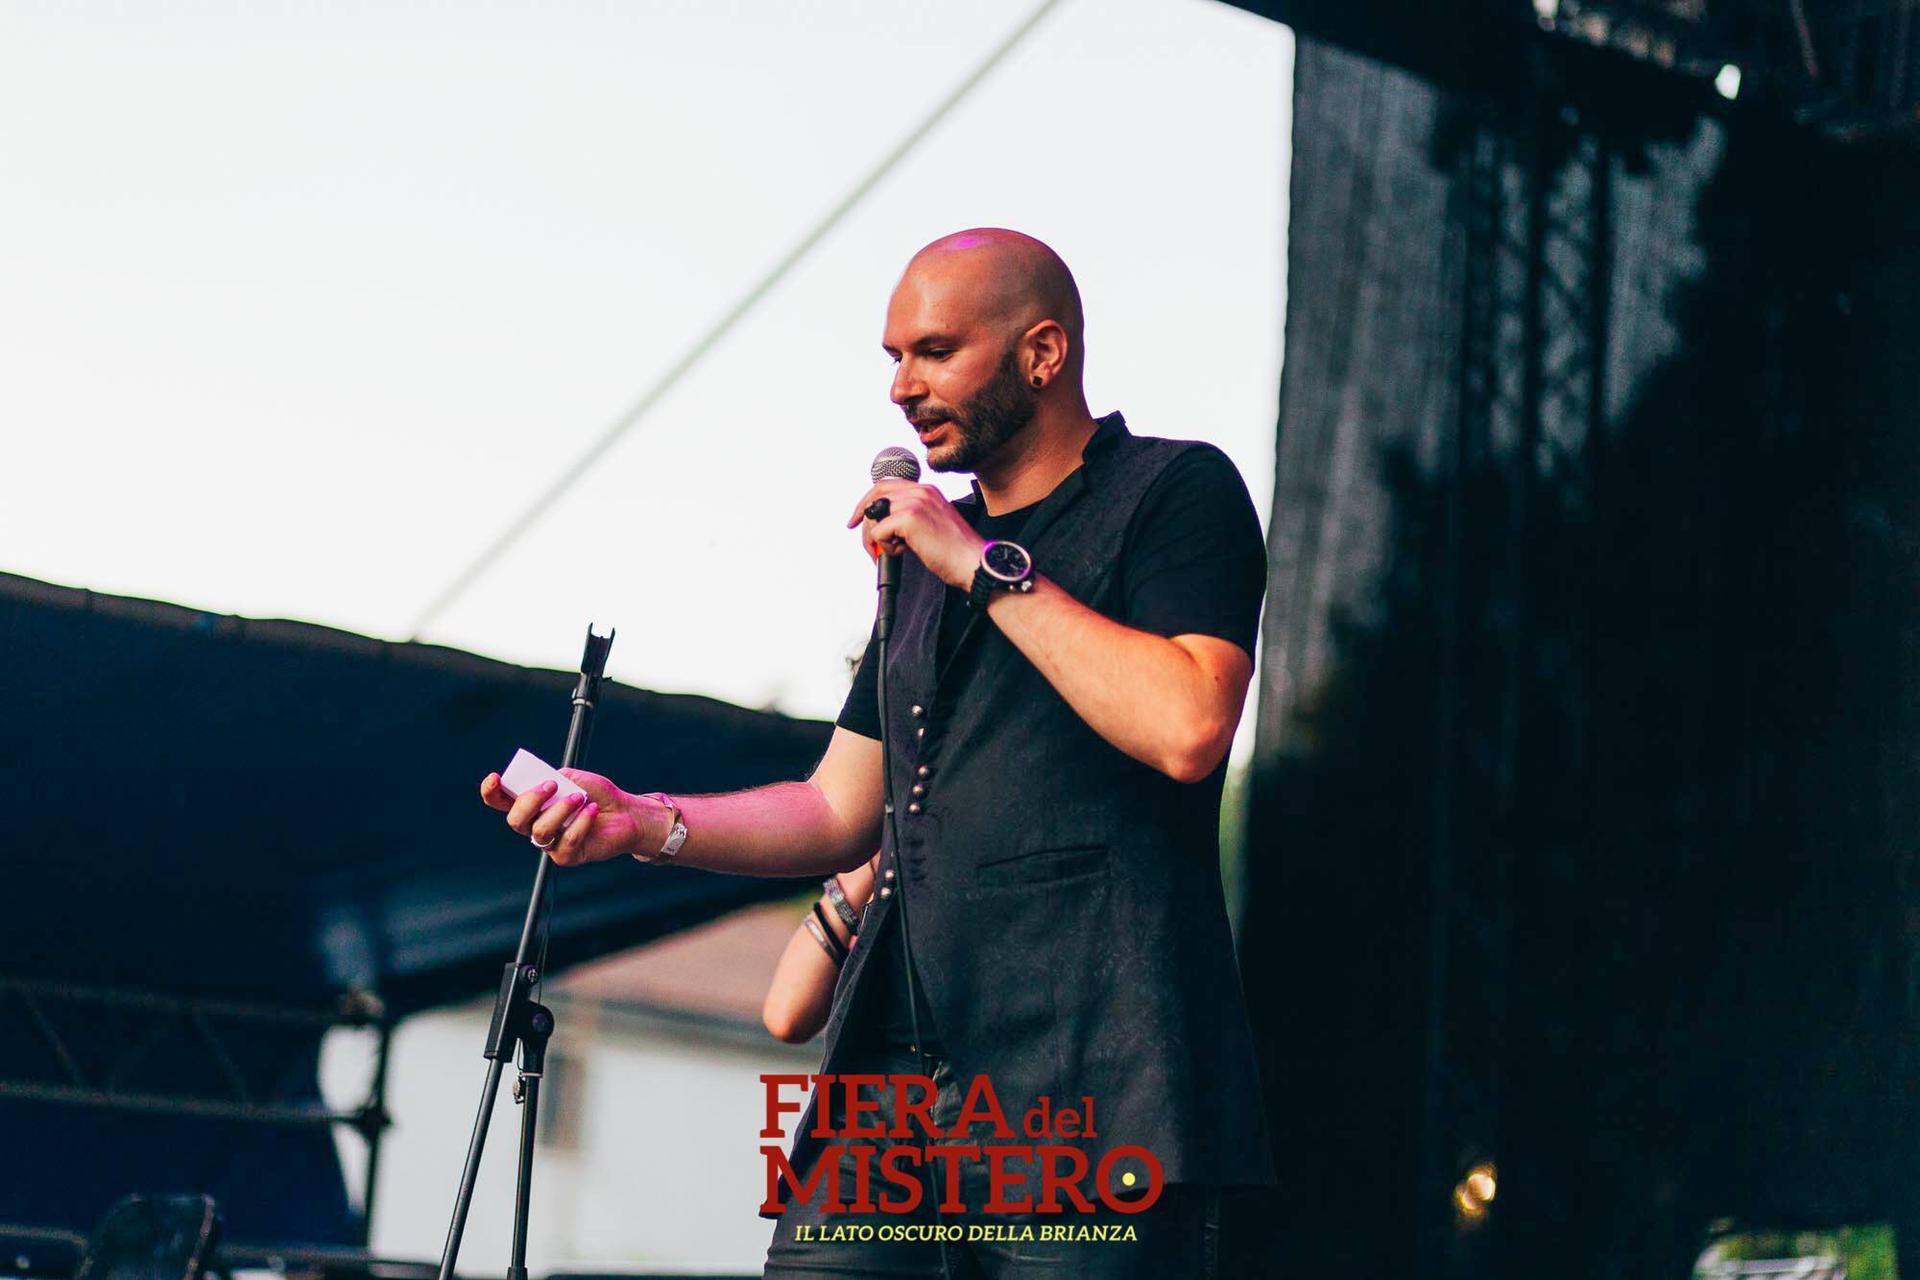 Raffele Scircoli Mentalista Milano si esibisce live in Brianza